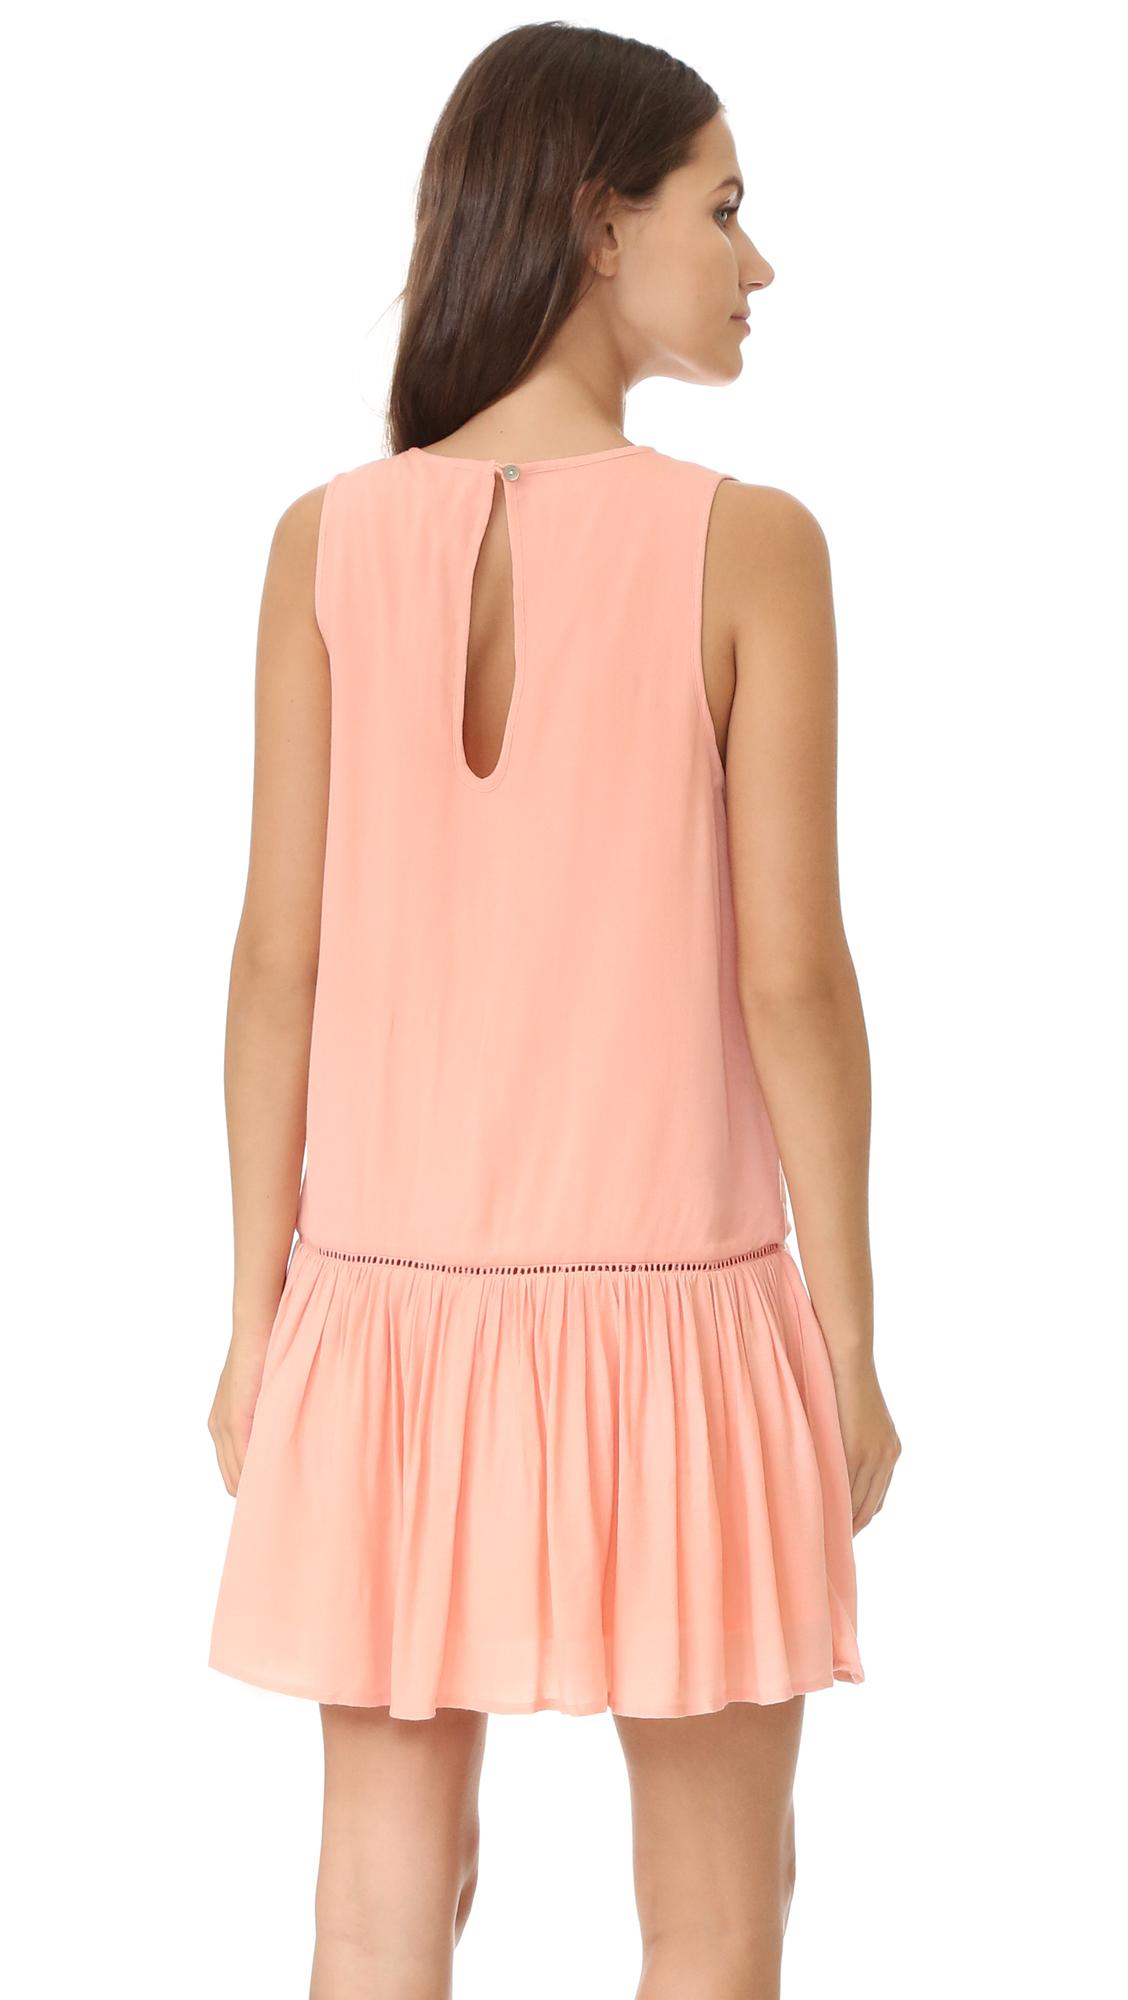 da6454e810 MINKPINK Blushing Beach Drop Waist Dress | SHOPBOP